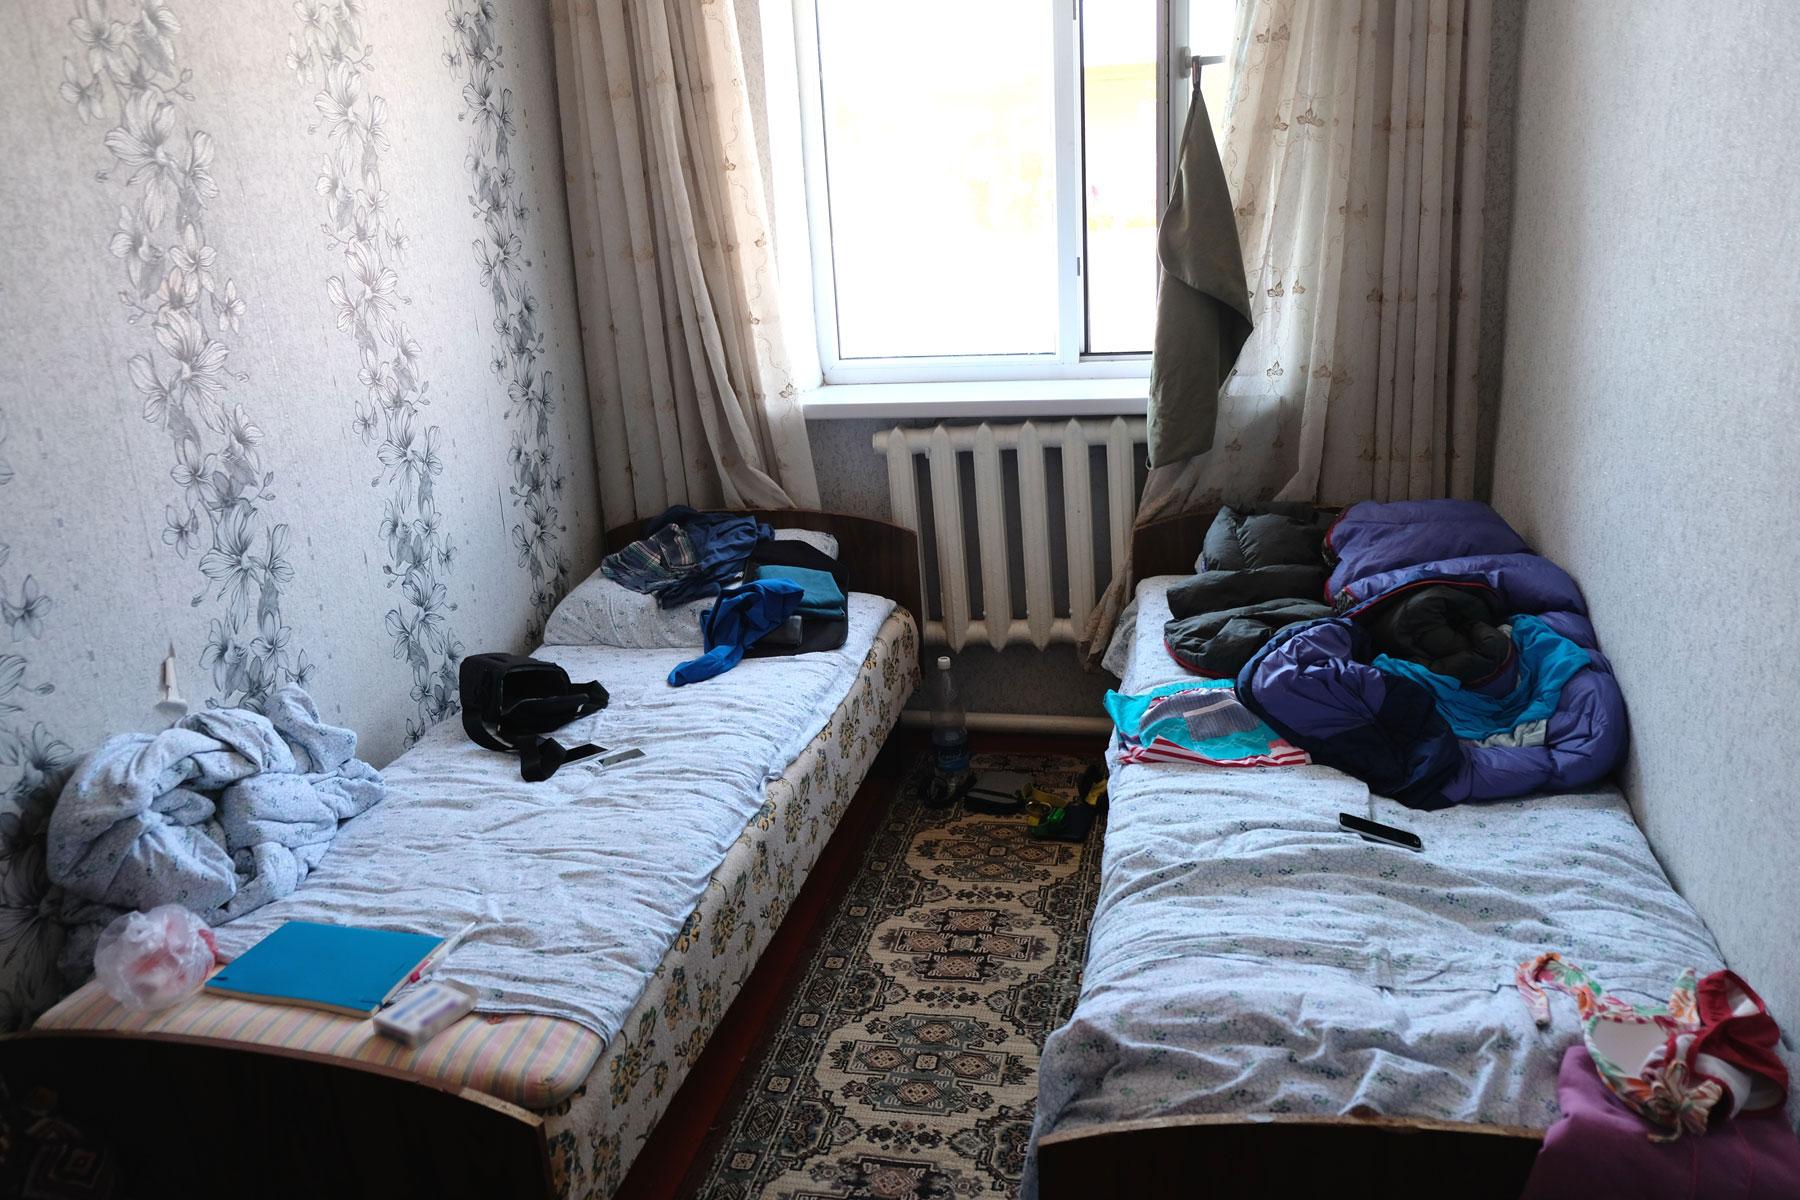 Unser kleines Zimmerchen. Nicht das größte Ausmaß an Luxus...